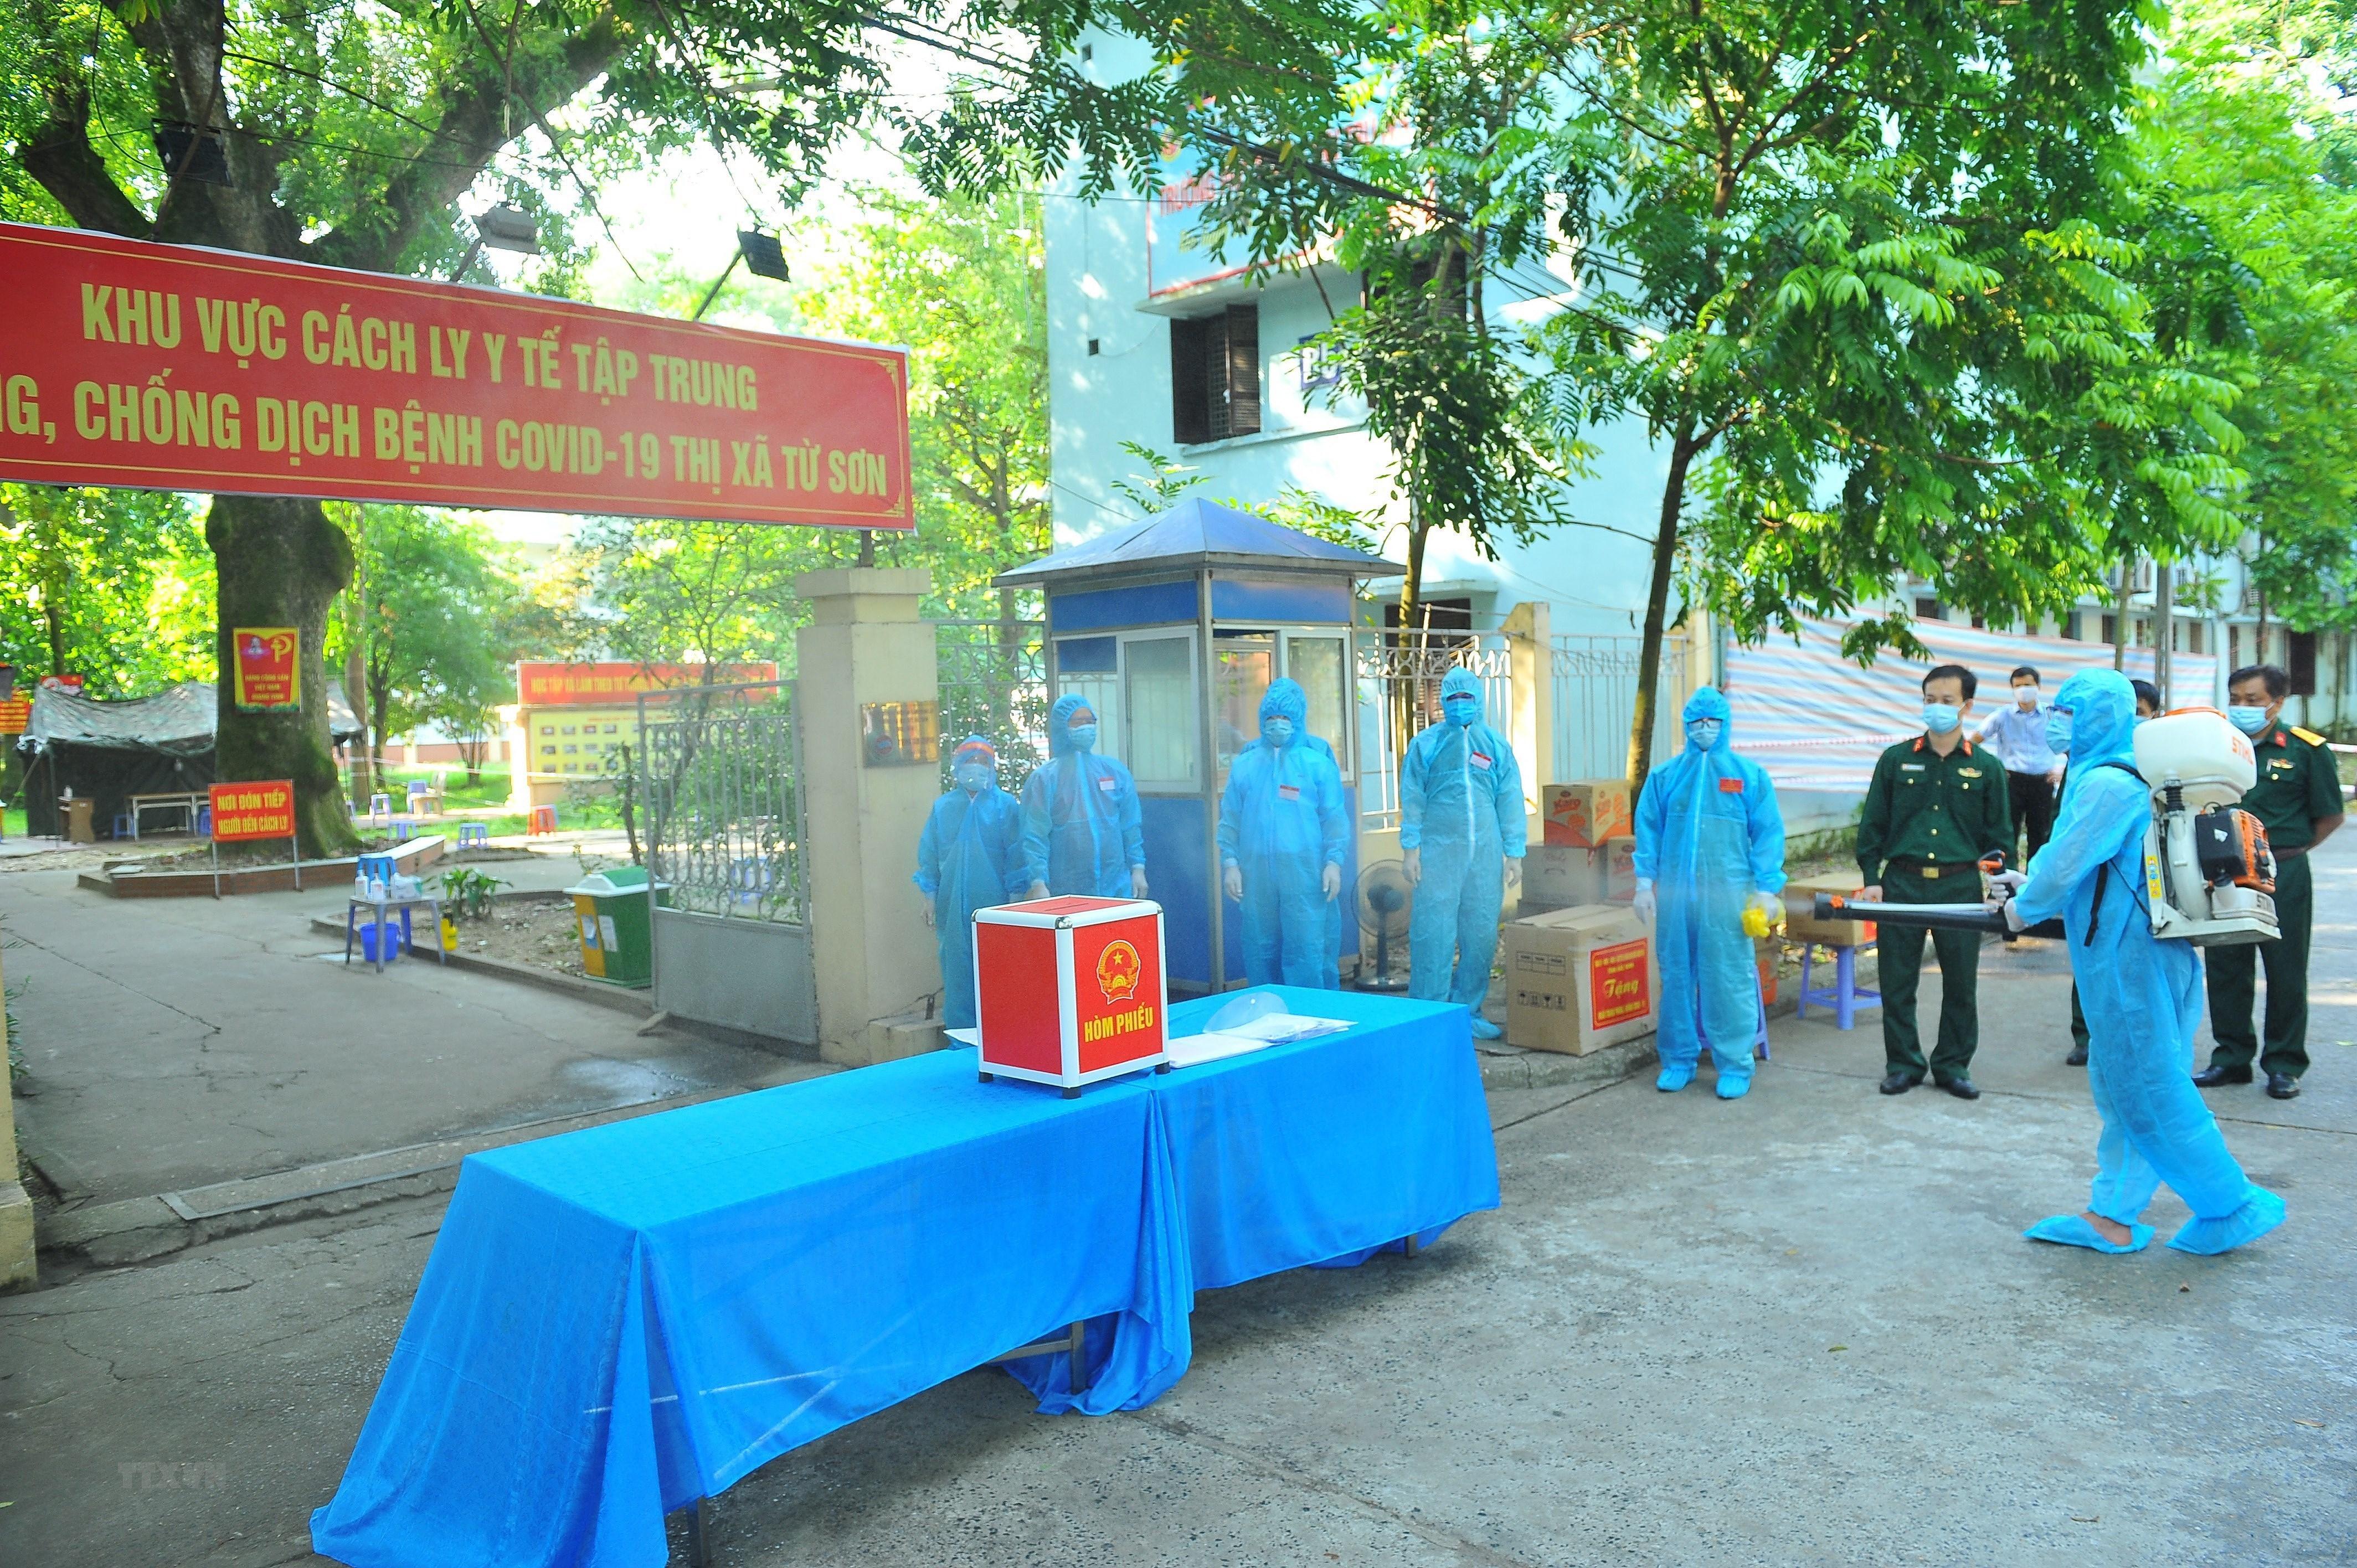 [Photo] Bac Ninh to chuc bau cu som tai cac khu cach ly tap trung hinh anh 1